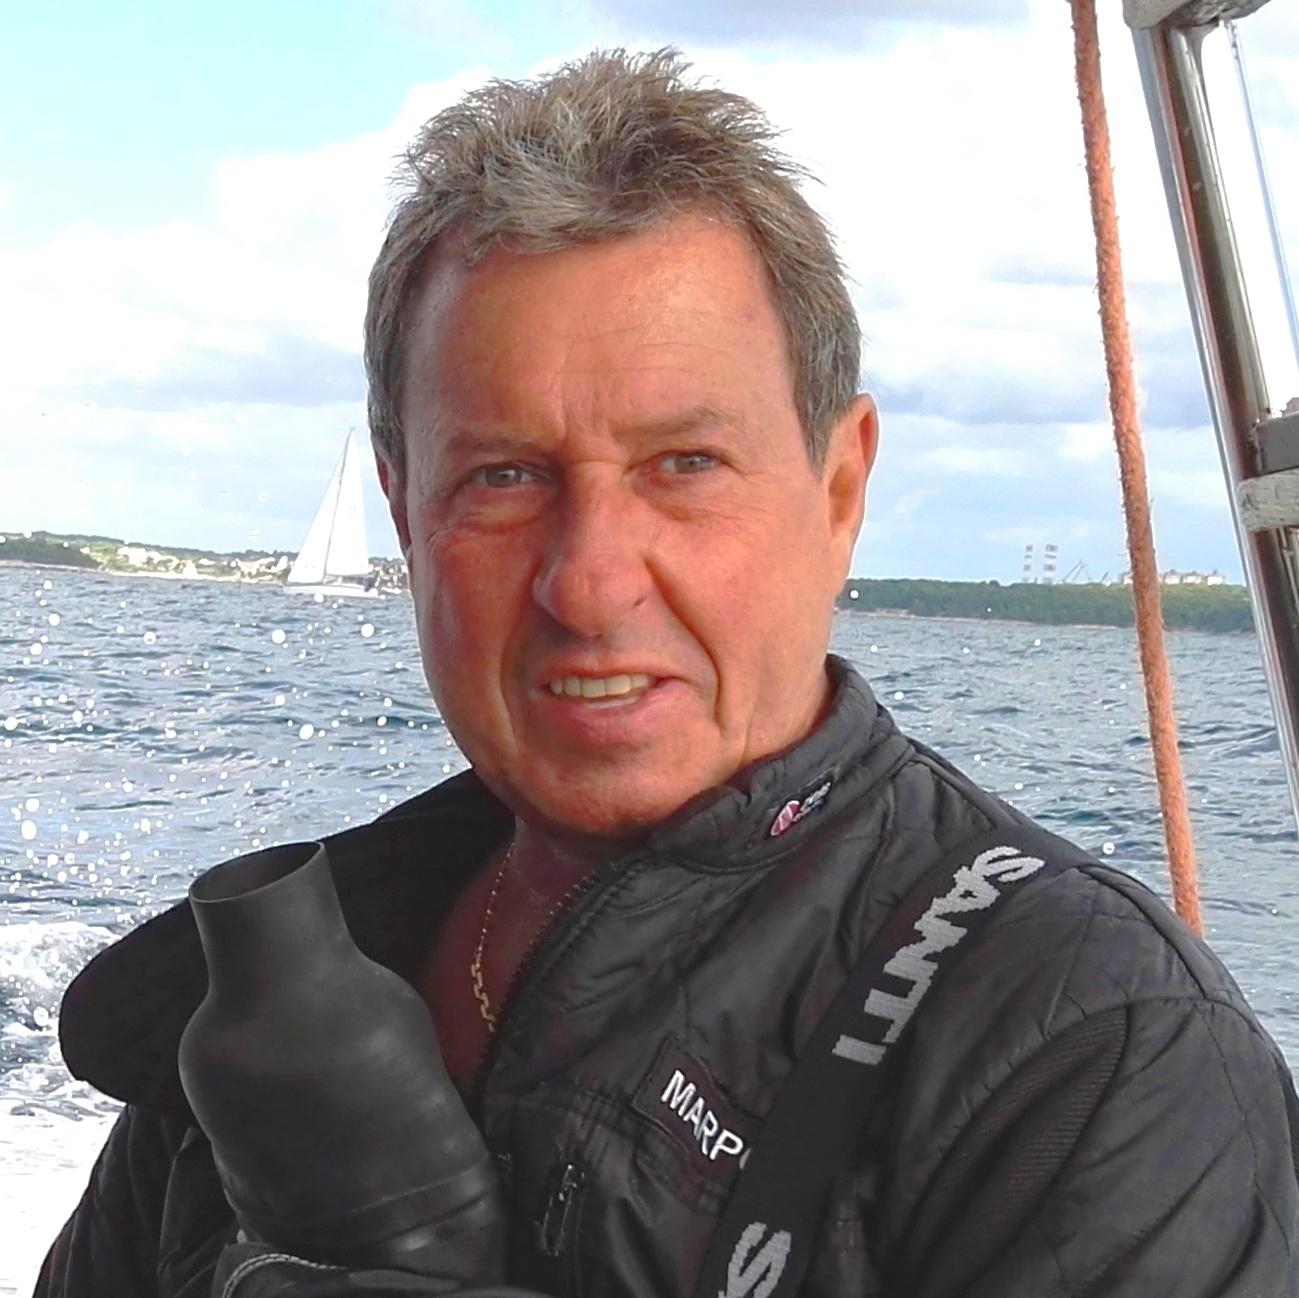 Marcello Polacchini